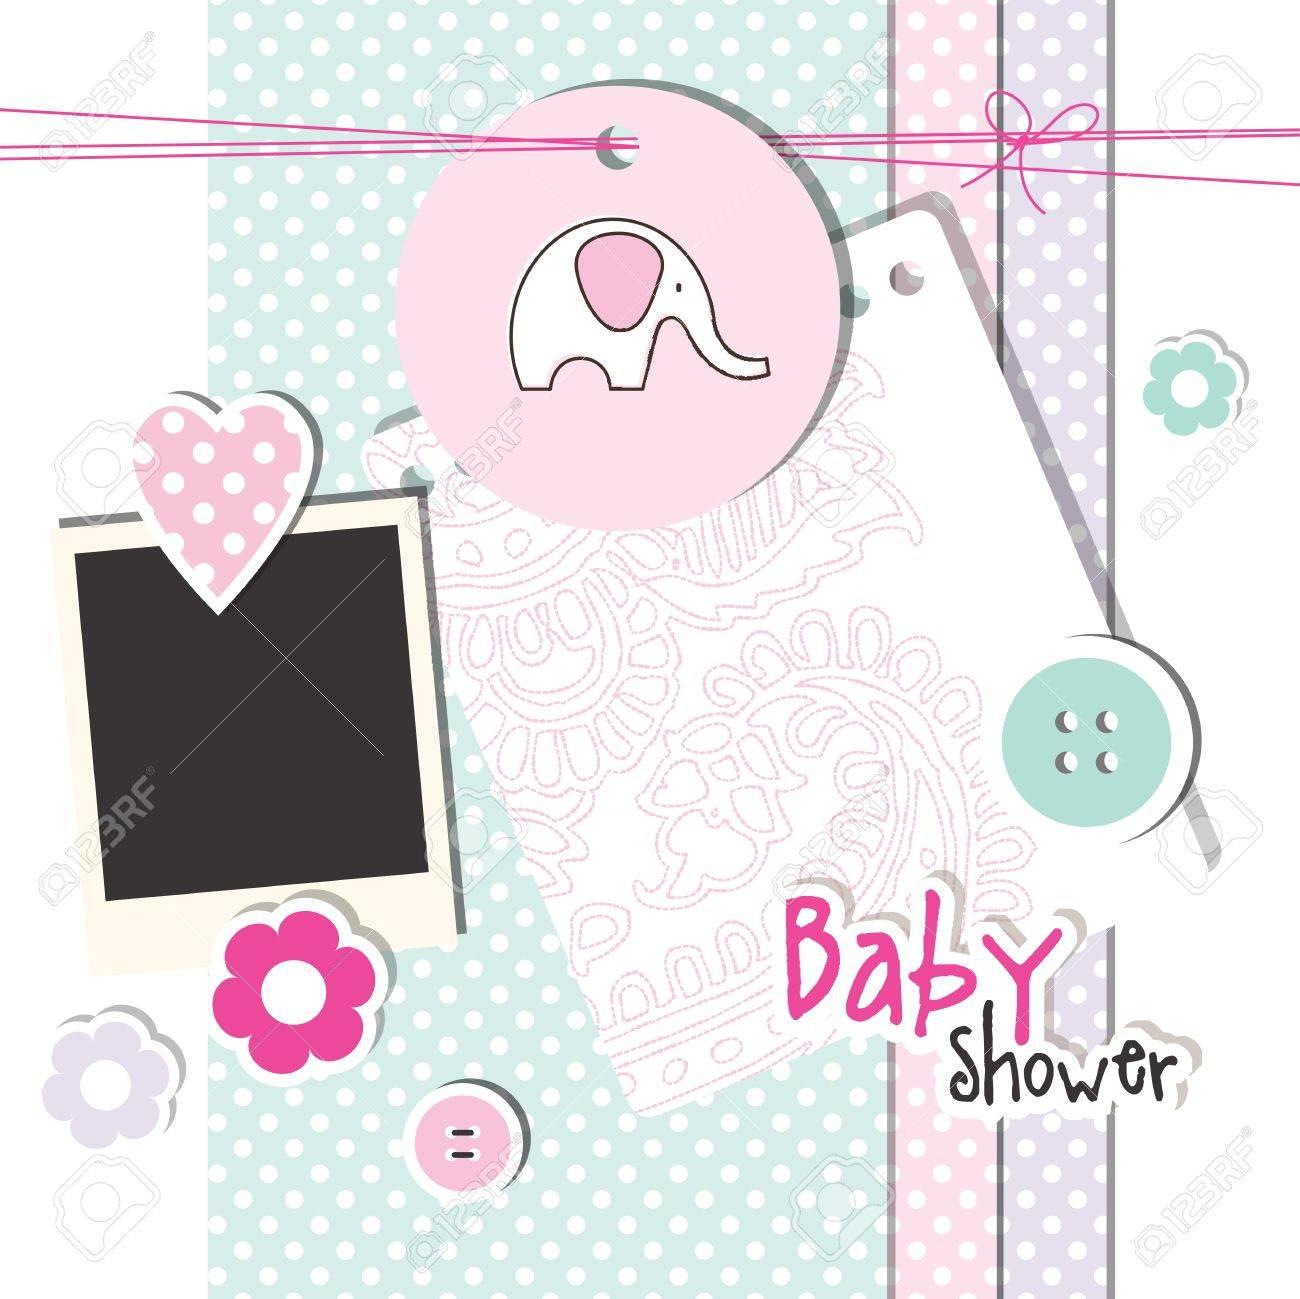 Baby shower design elements Stock Vector - 13251428